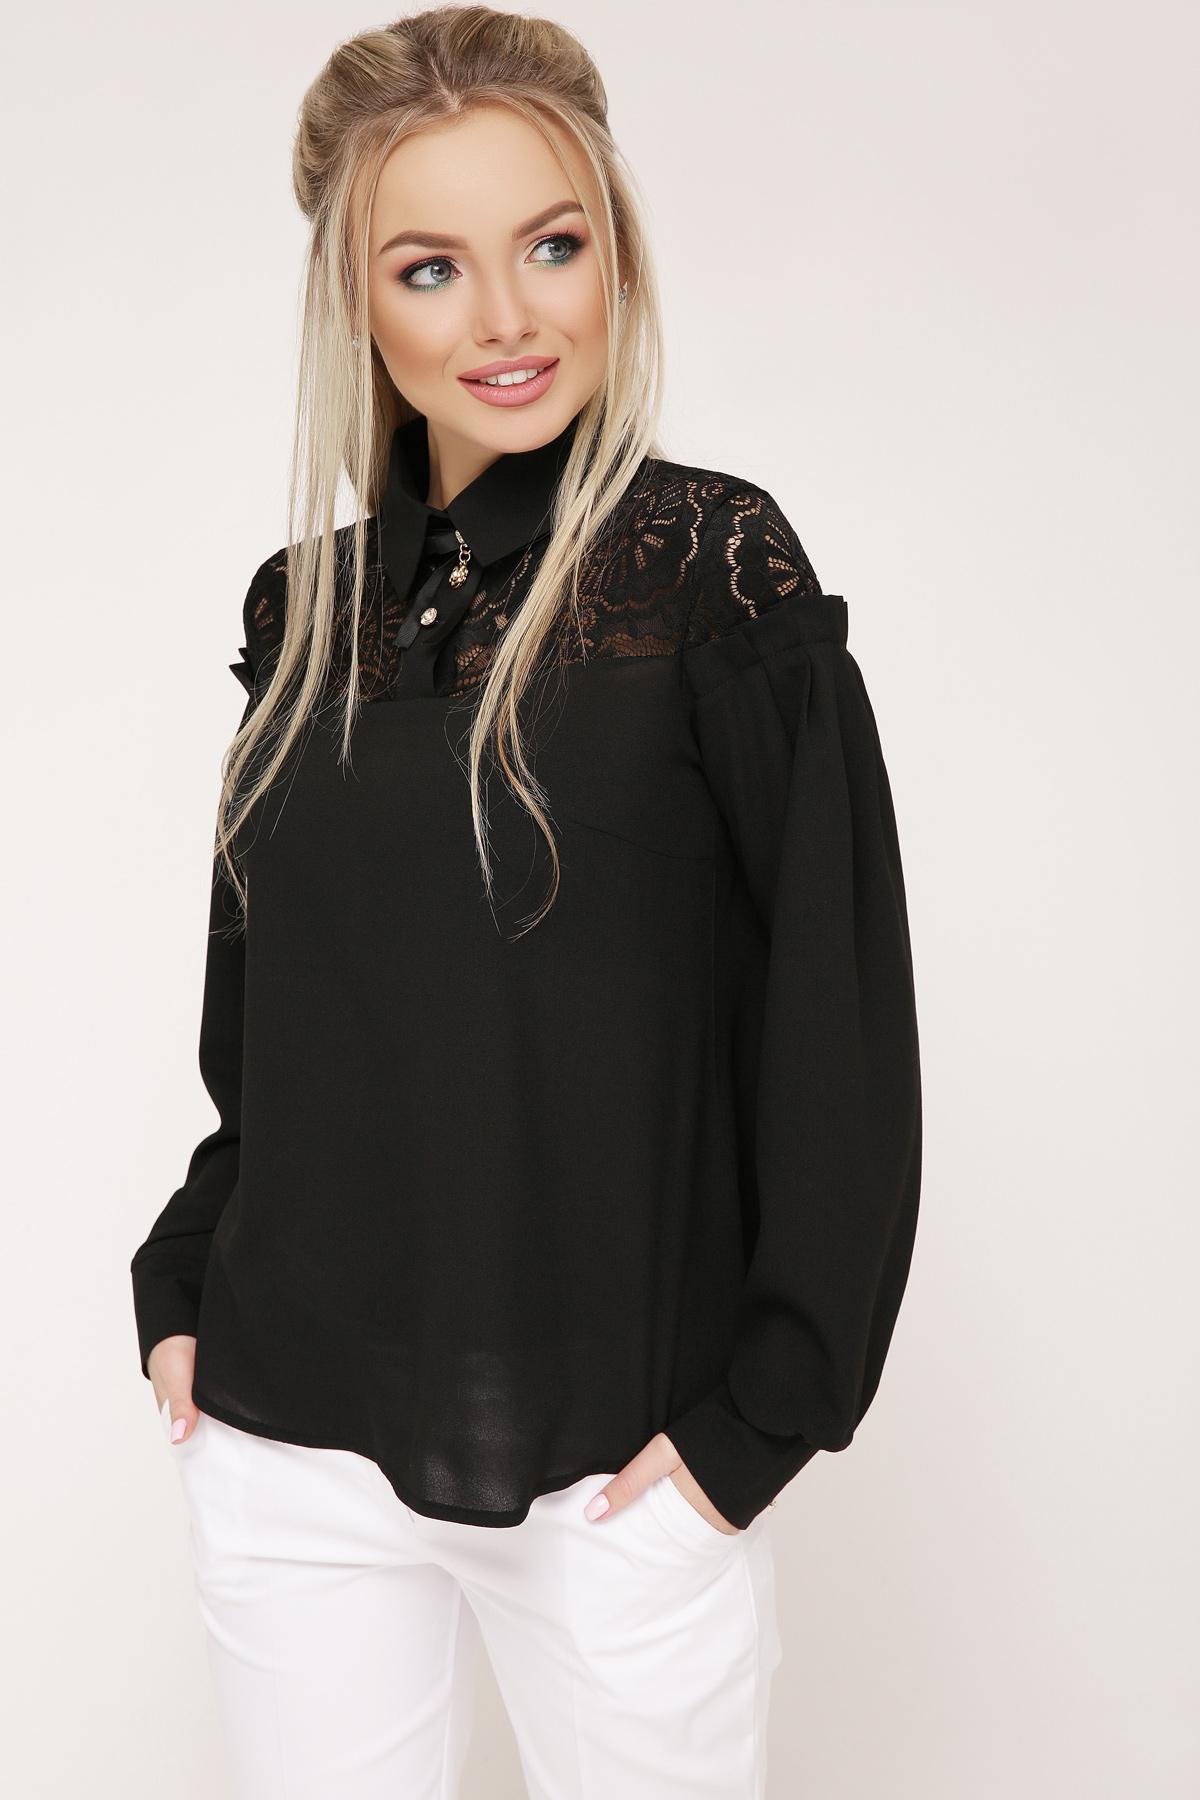 18d3a0622ca свободная блузка черного цвета. блуза Джустина д р. Цвет  черный